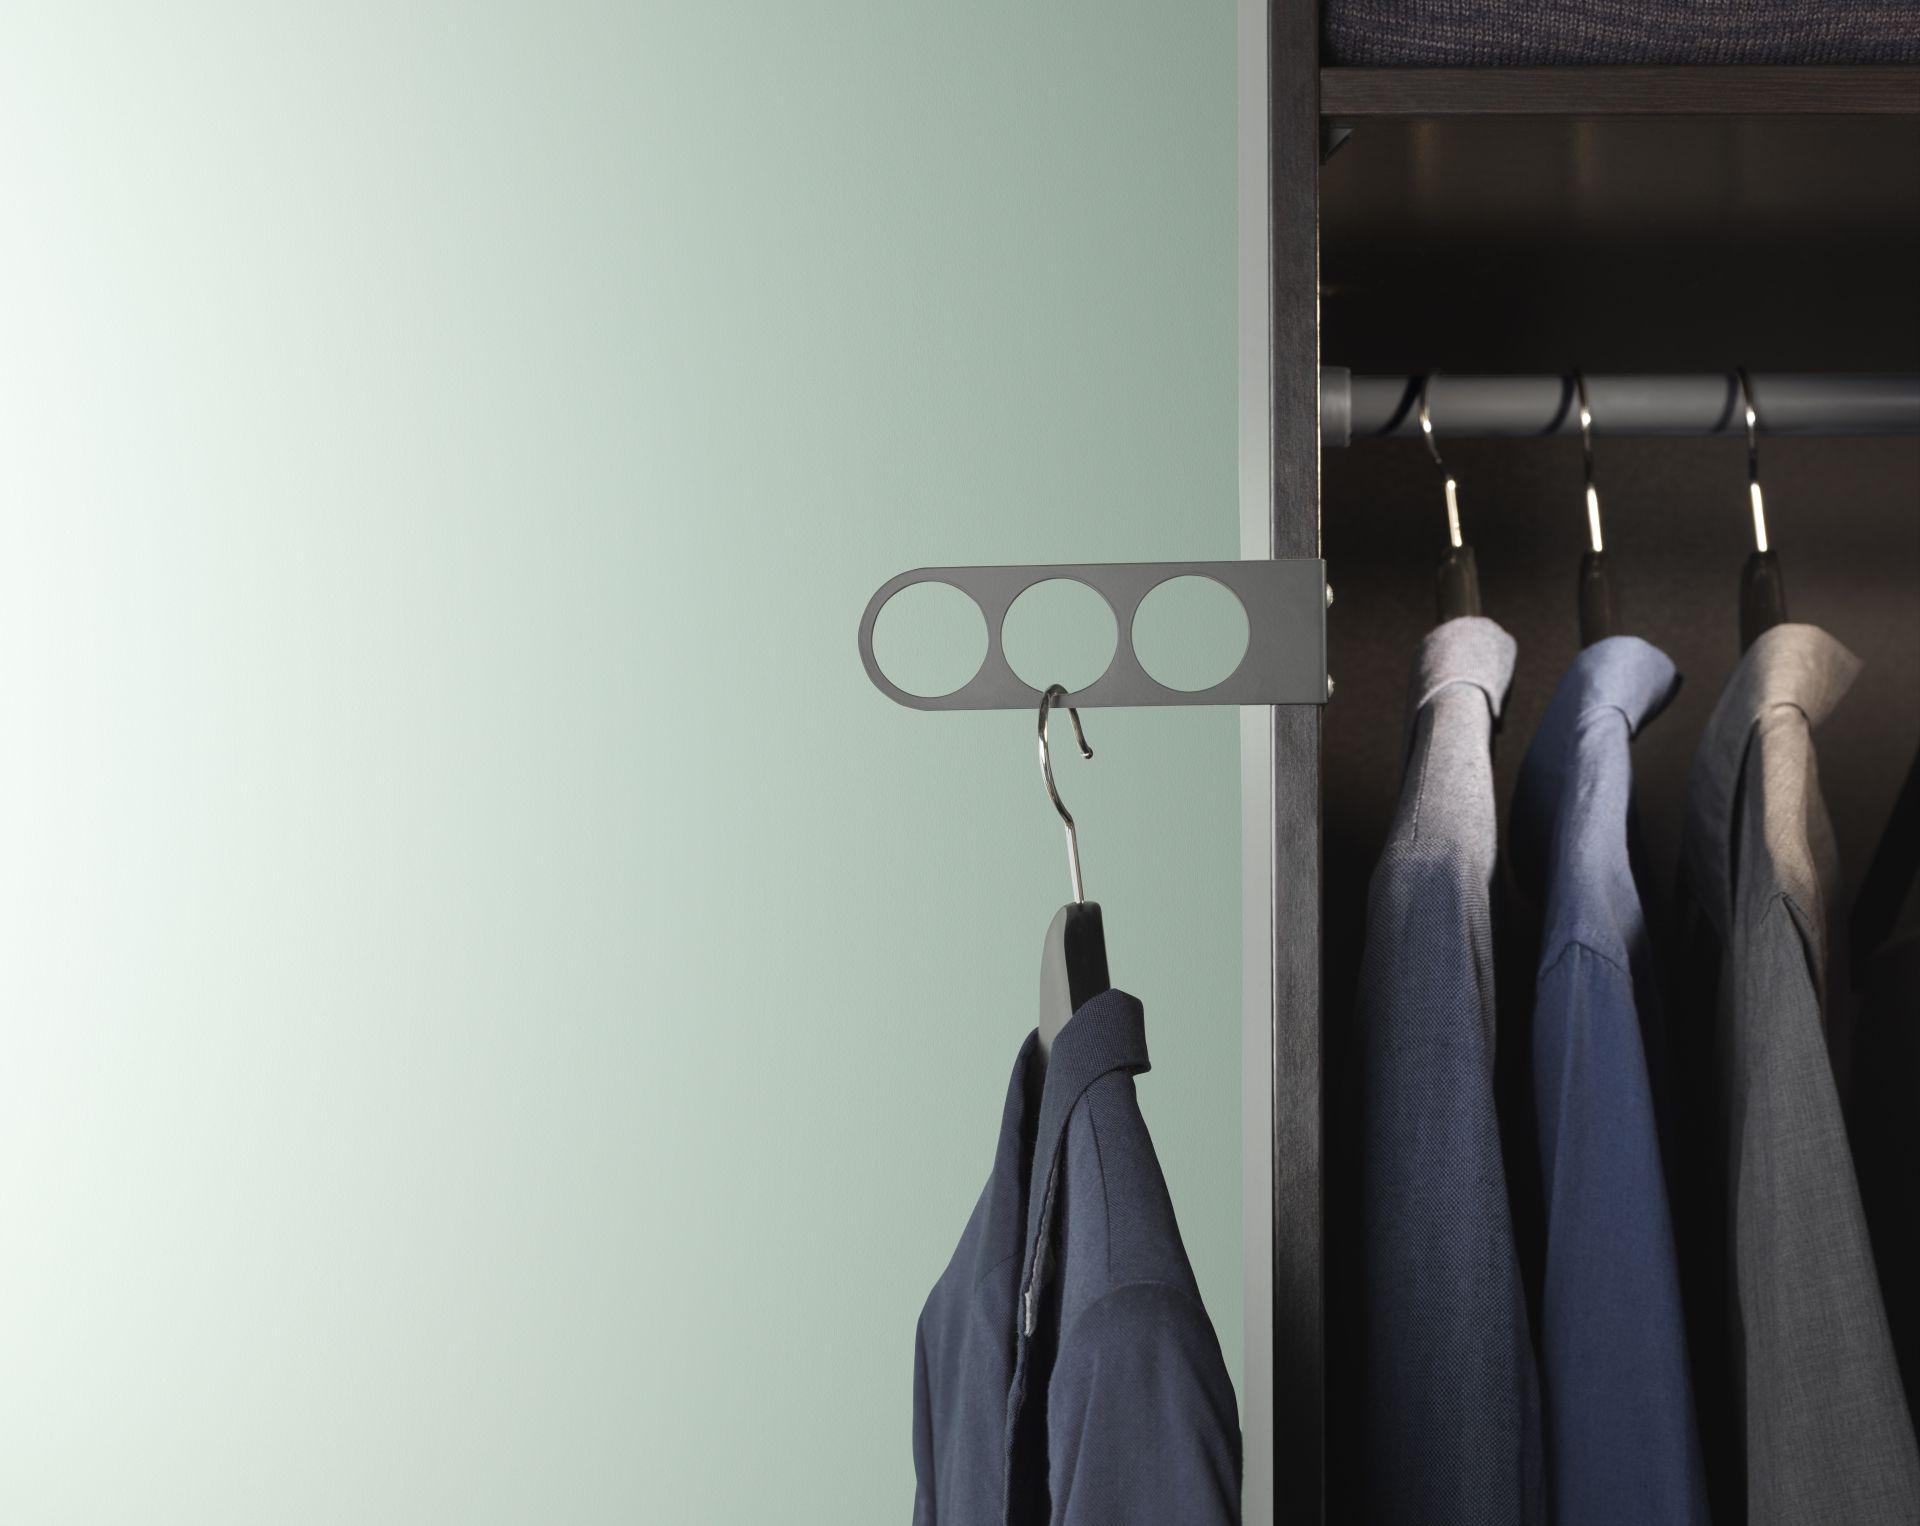 Creëer Een Ontspannen Sfeer In De Slaapkamer Kledingkast Ikea Lades